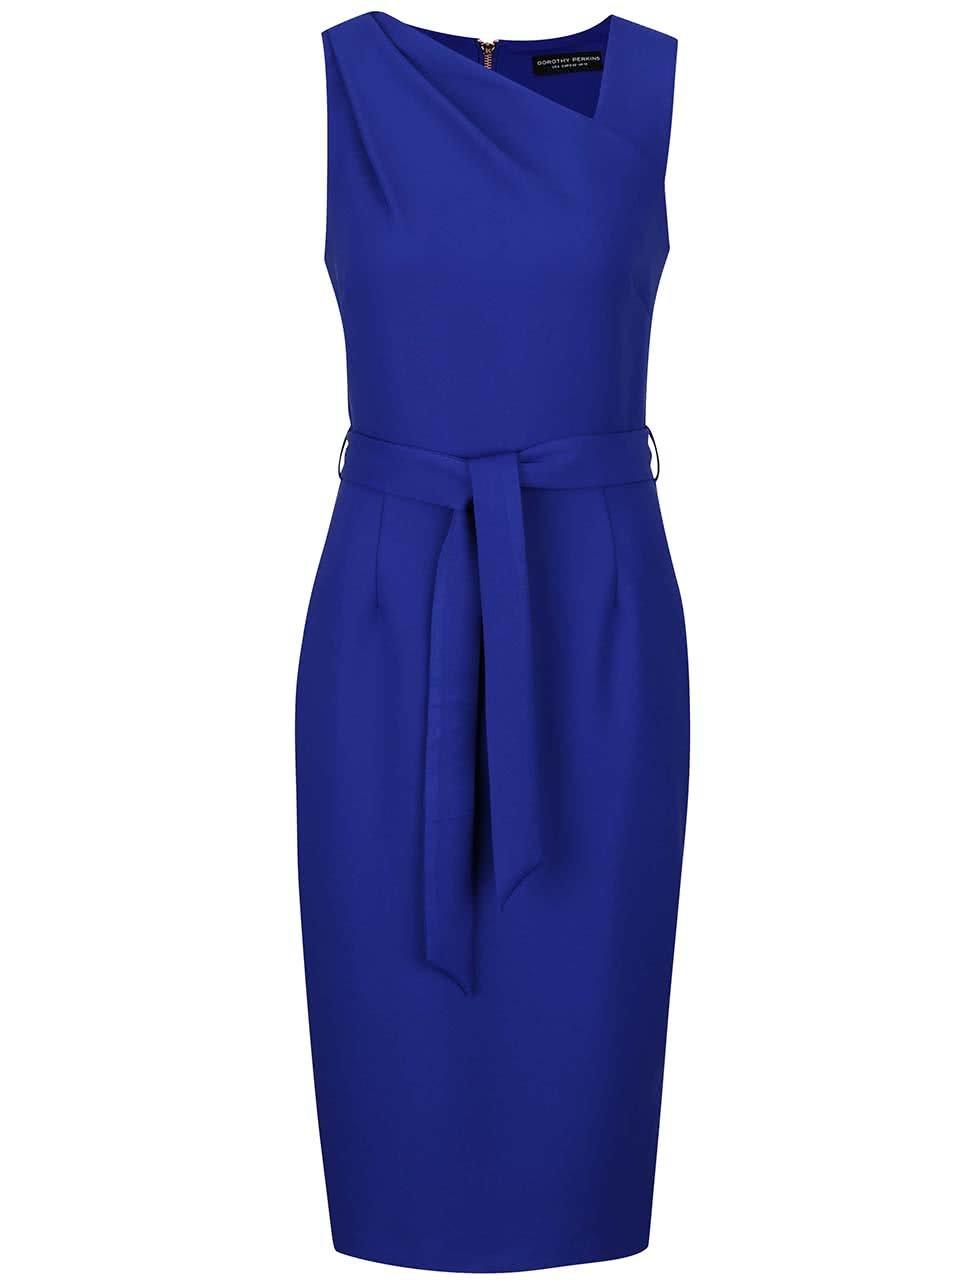 6e10a6bb5195 Modré šaty s asymetrickým dekoltom Dorothy Perkins ...